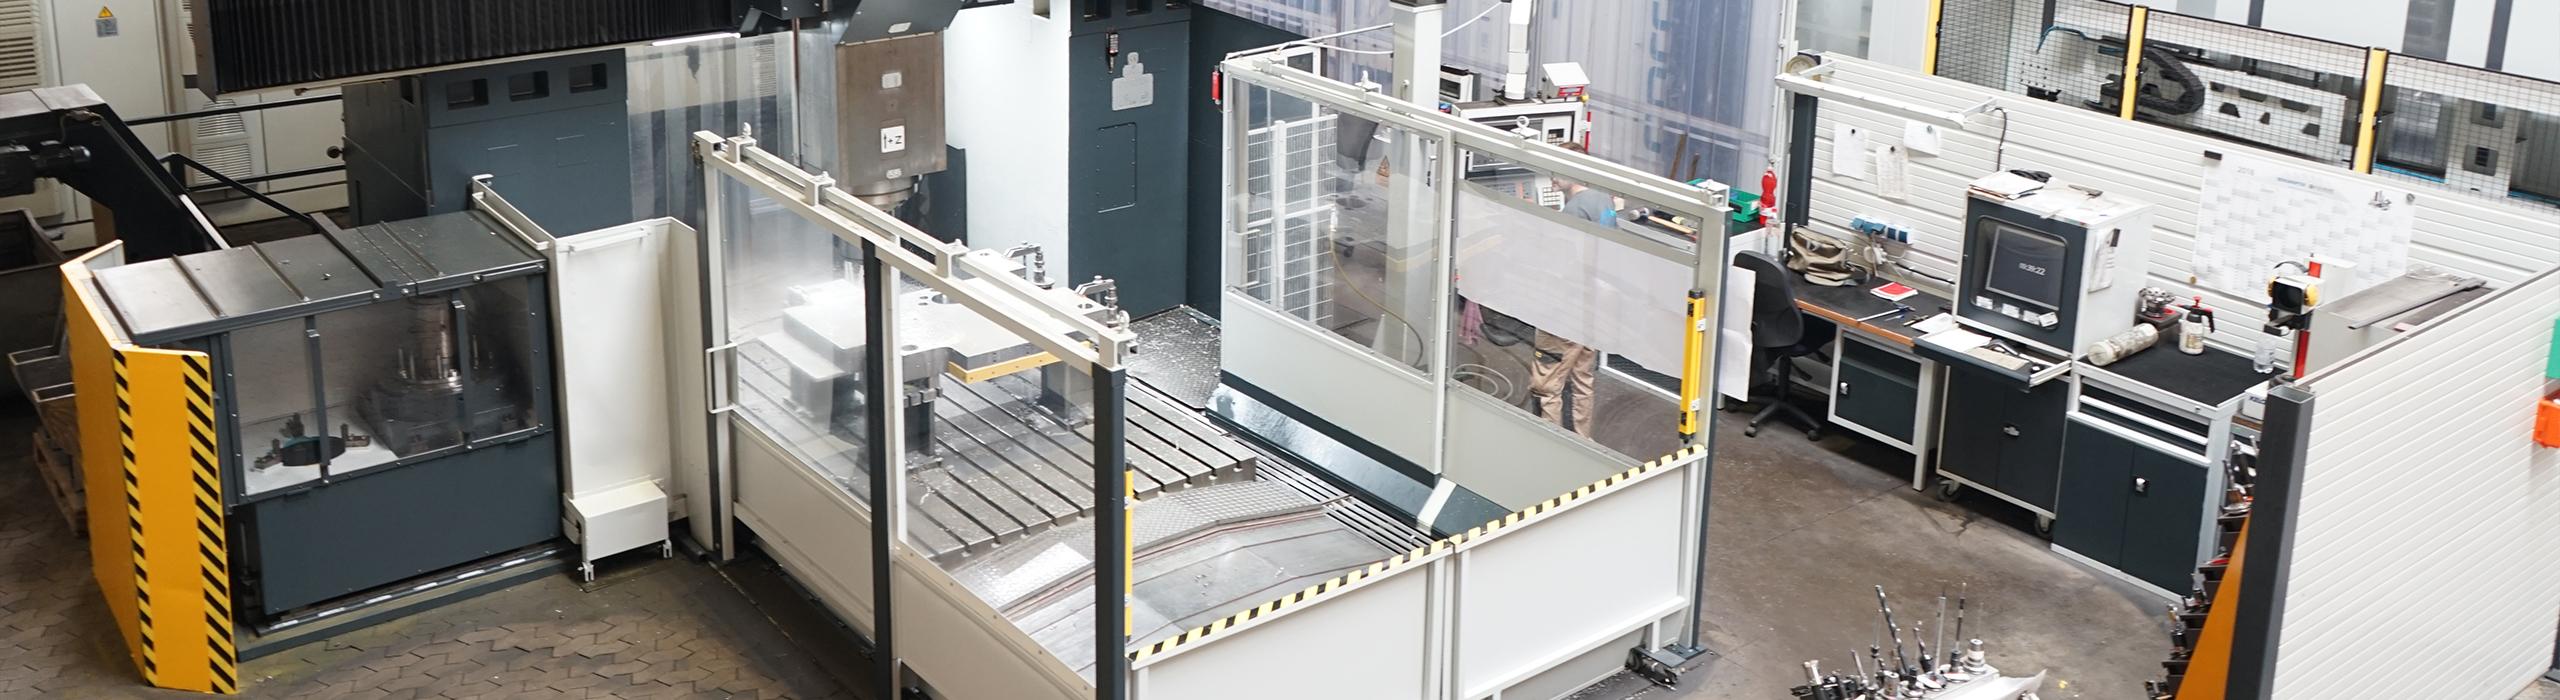 RSB-Stahl-grossteilbearbeitung-header6